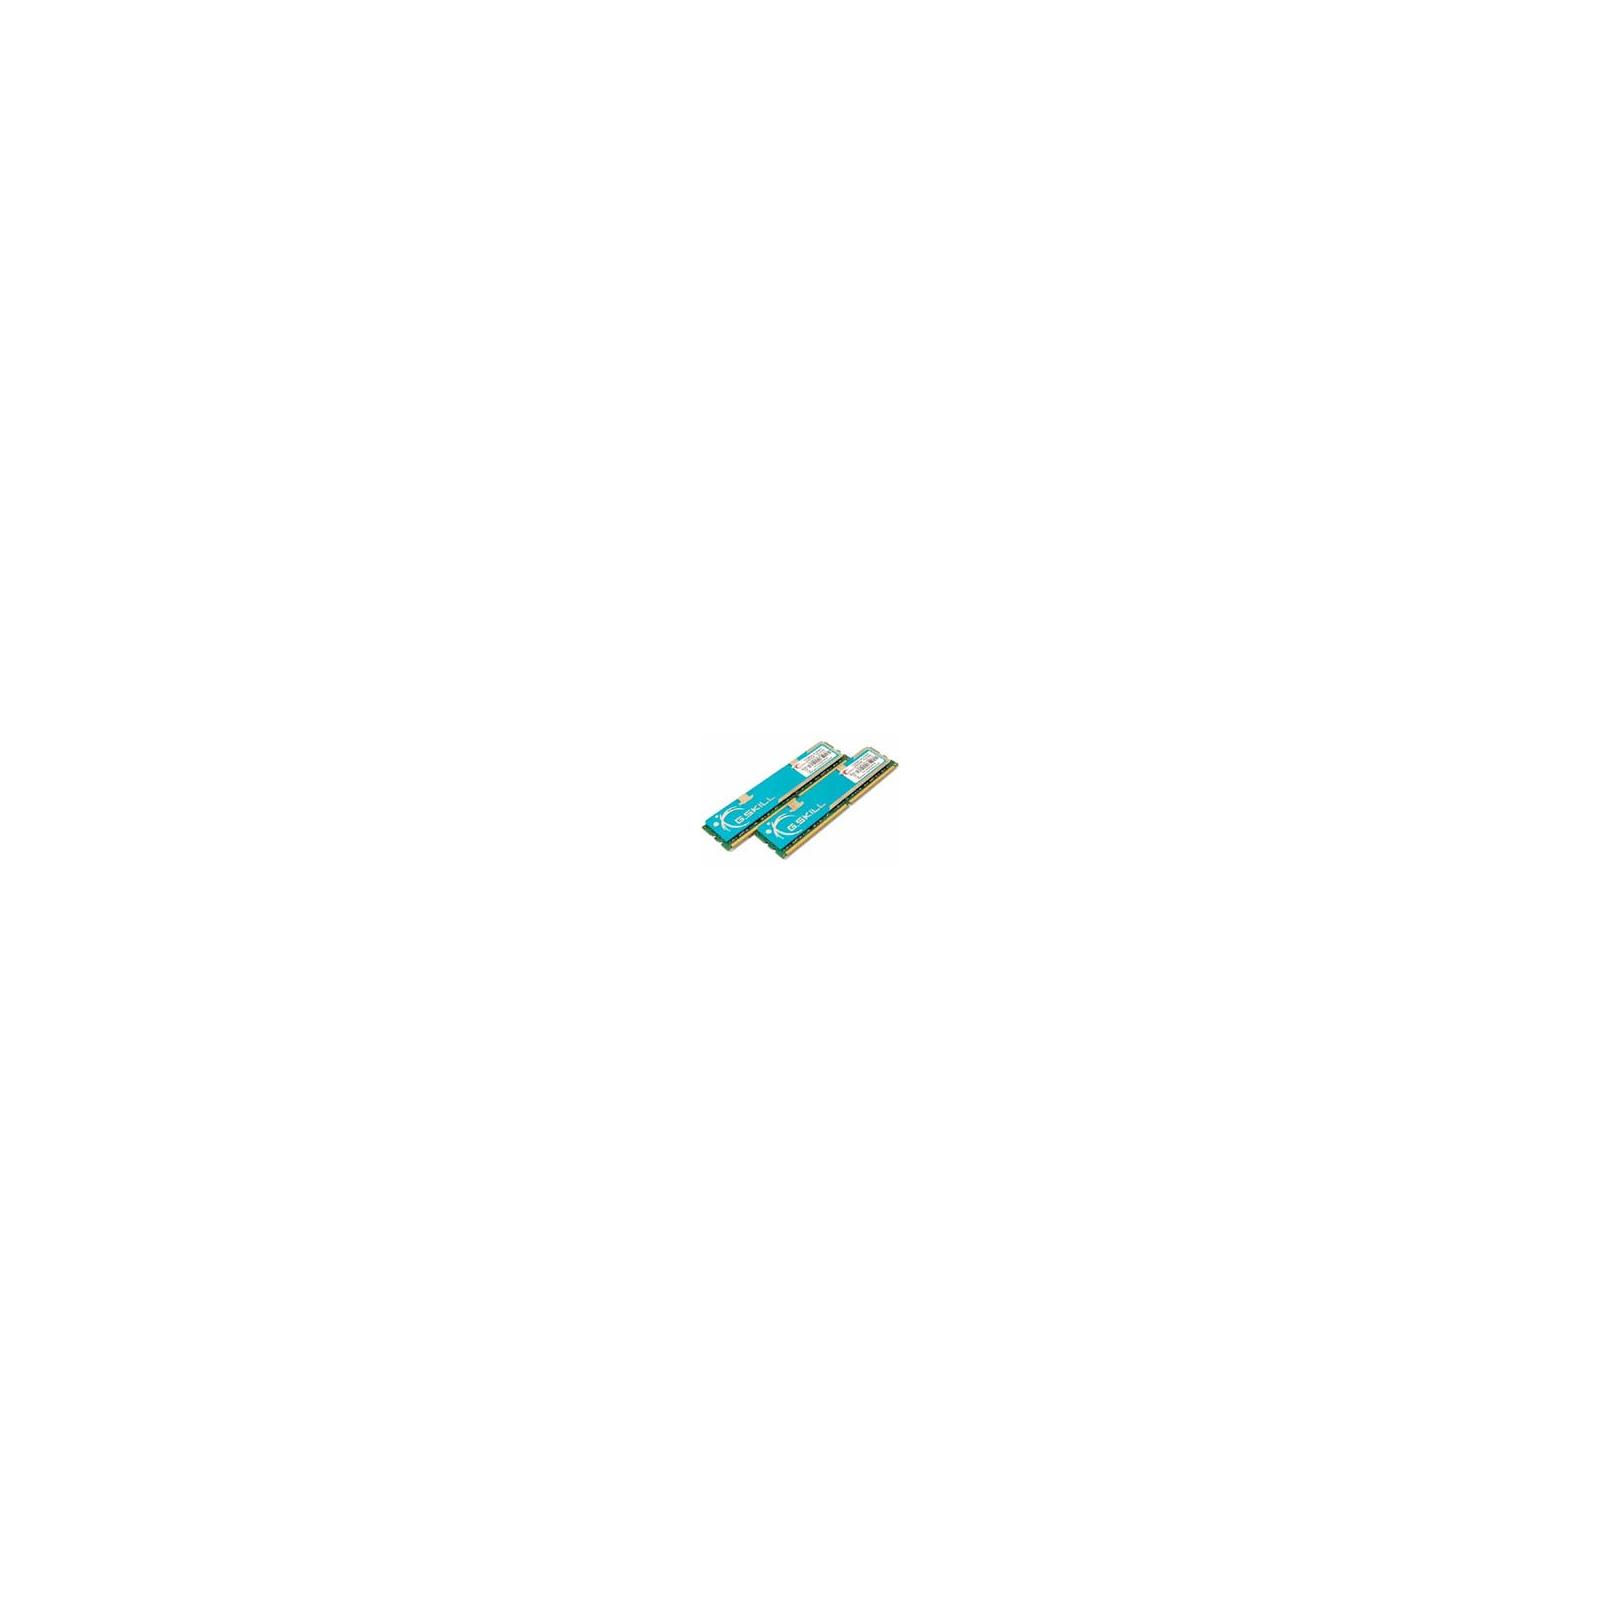 Модуль памяти для компьютера DDR2 4GB (2х2GB) 800 MHz G.Skill (F2-6400CL4D-4GBPK)